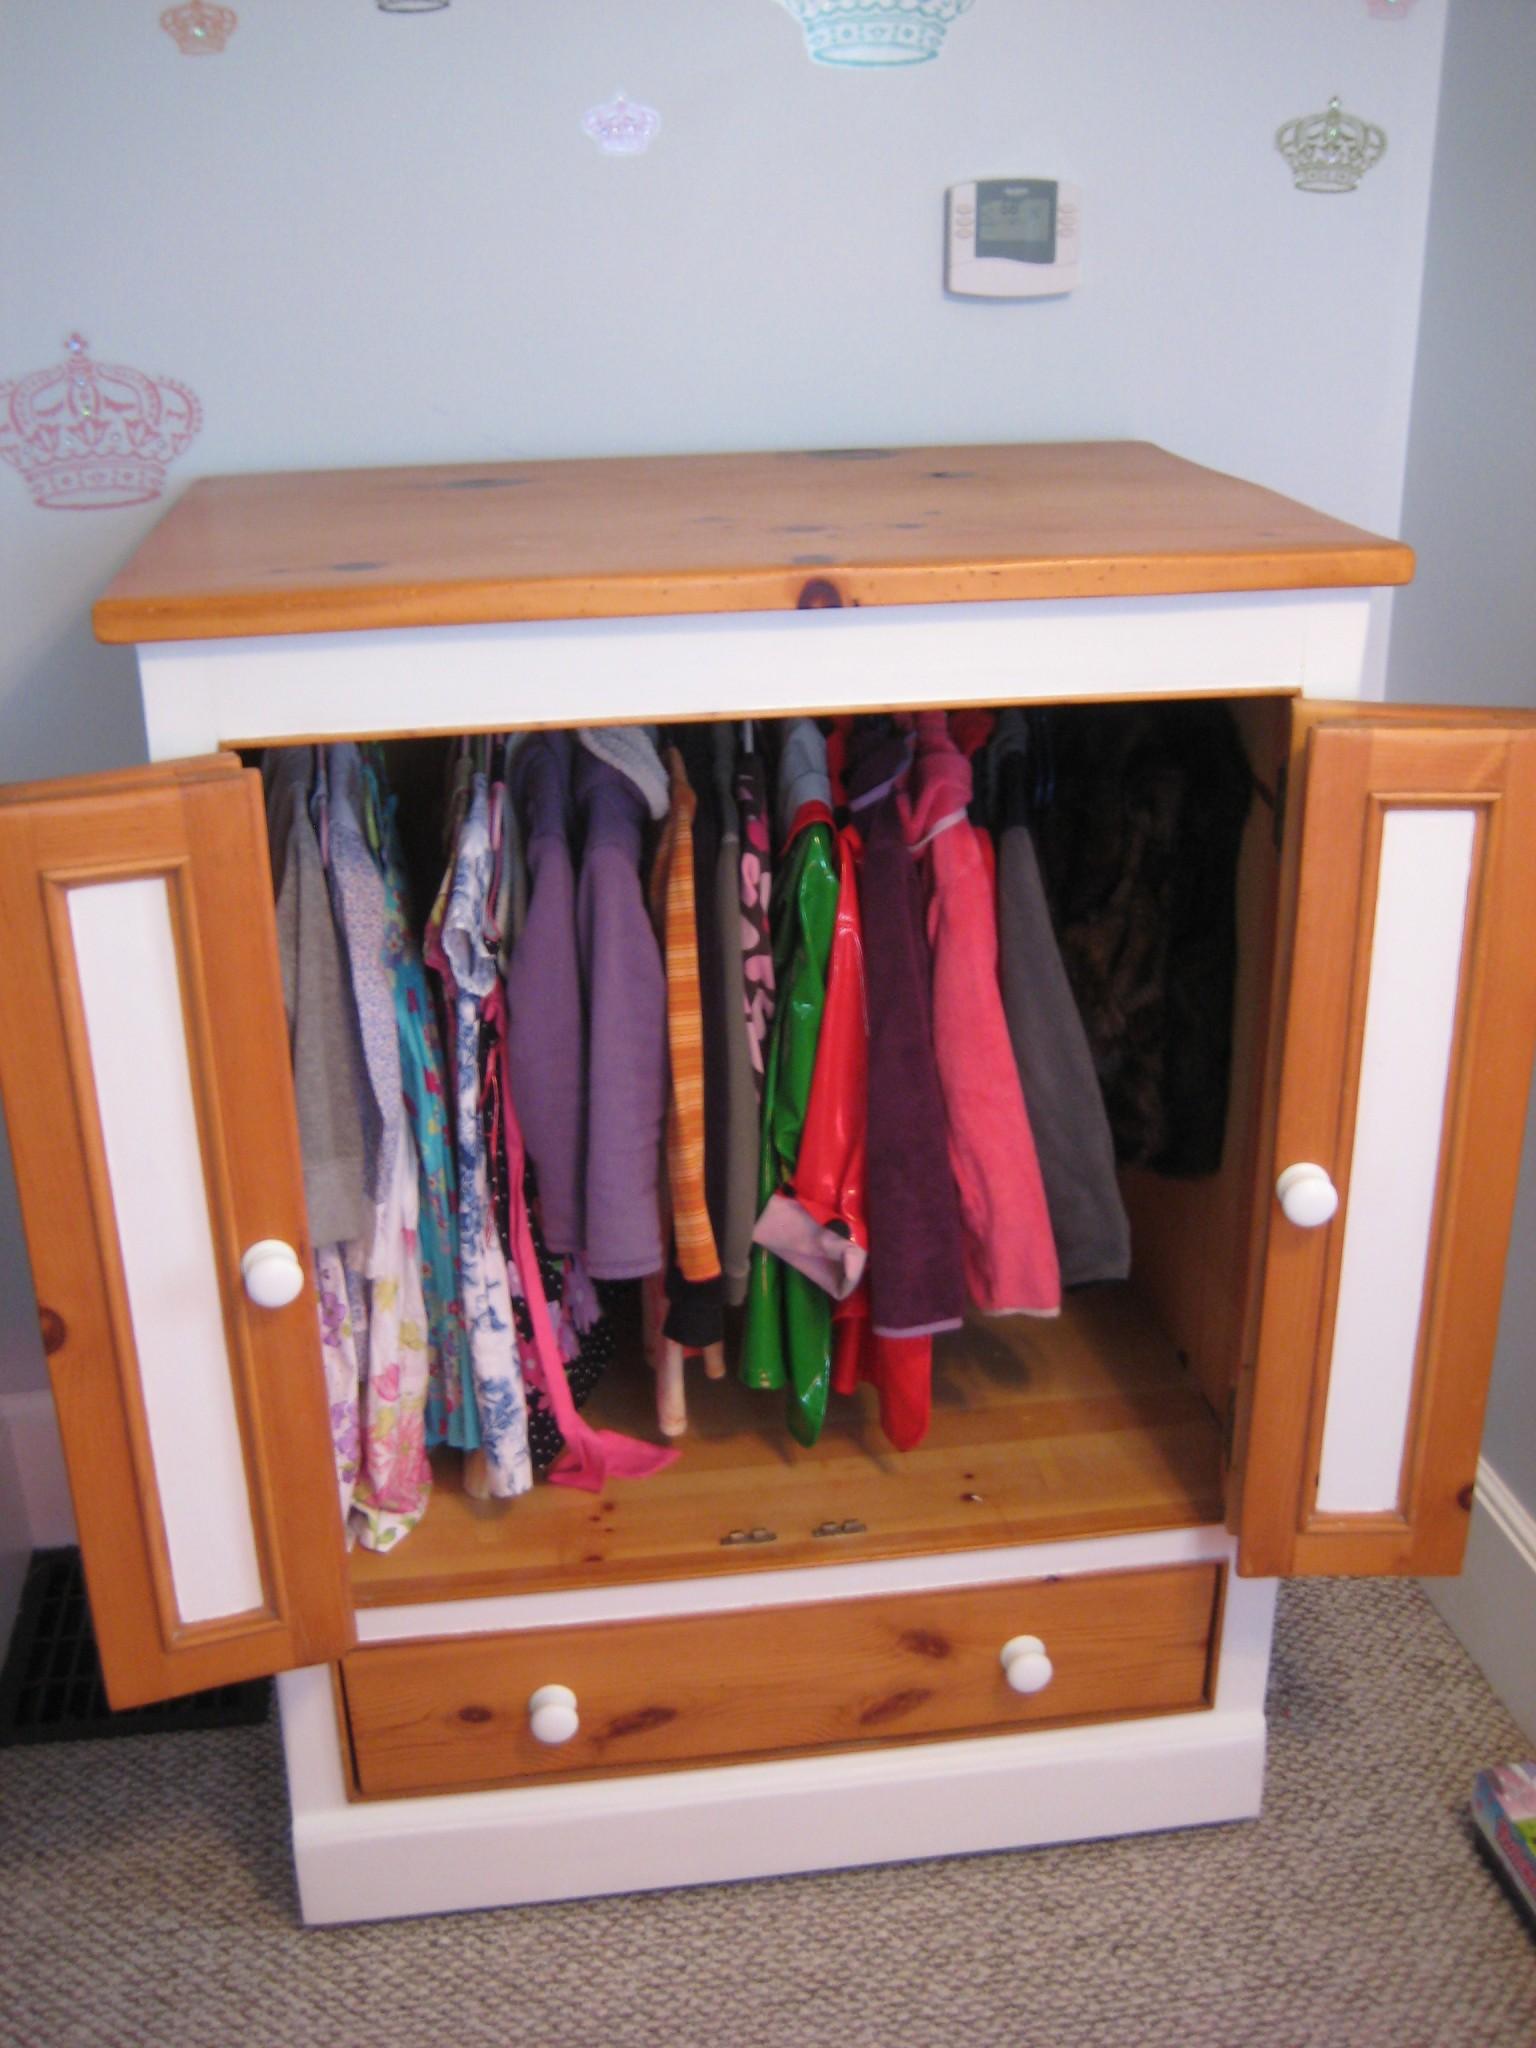 nhmaschine schrank selber bauen free diy holz bock with. Black Bedroom Furniture Sets. Home Design Ideas